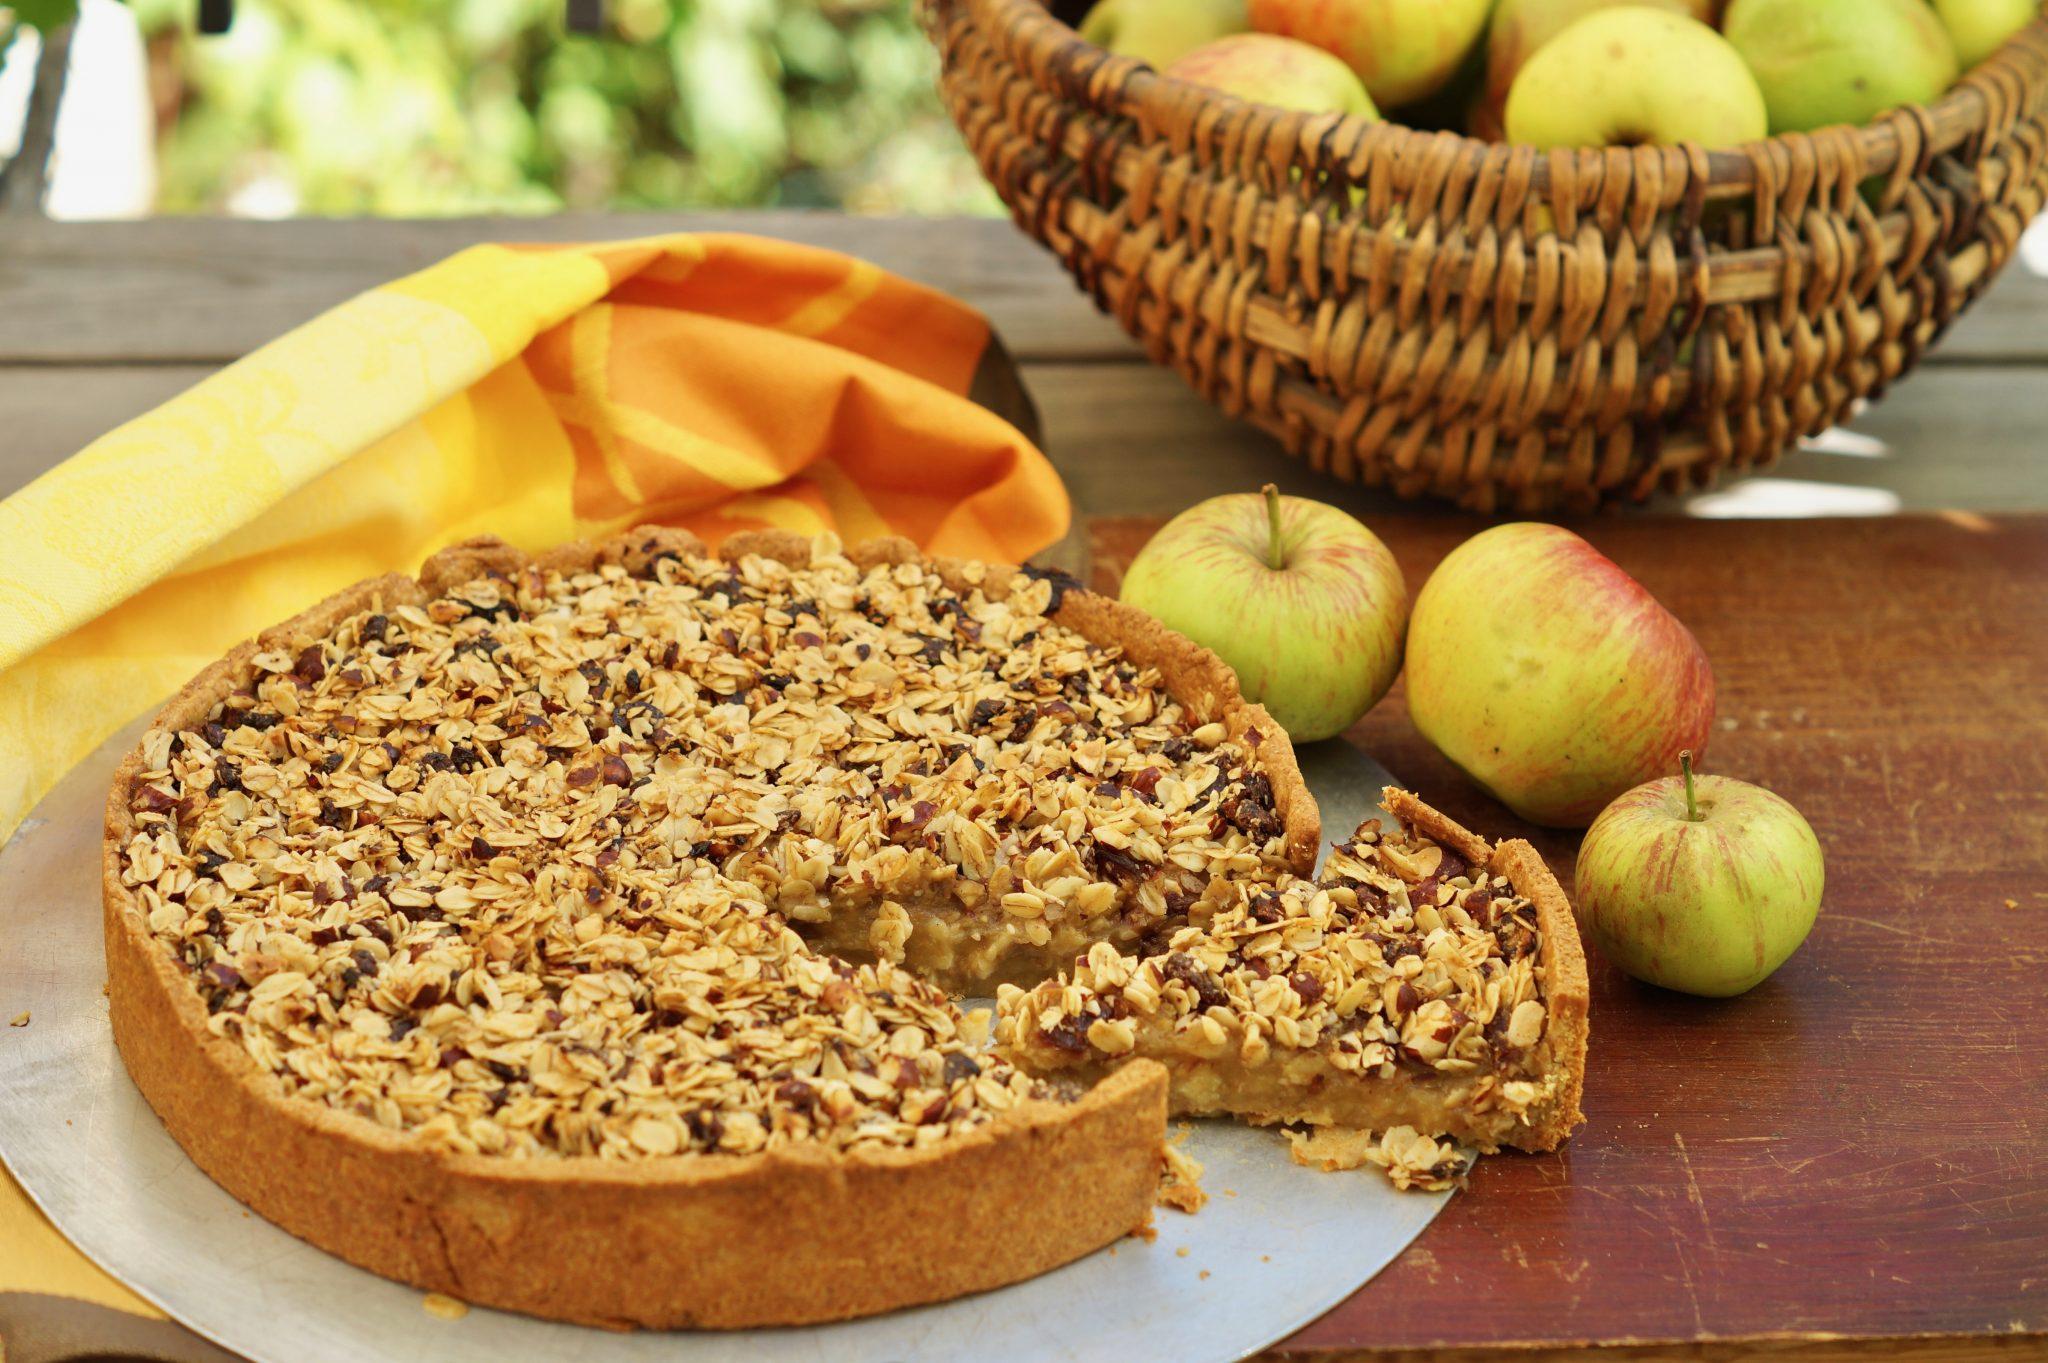 Kuchen, gefüllt mit Apfelmark und bedeckt mit leckerem Brunch